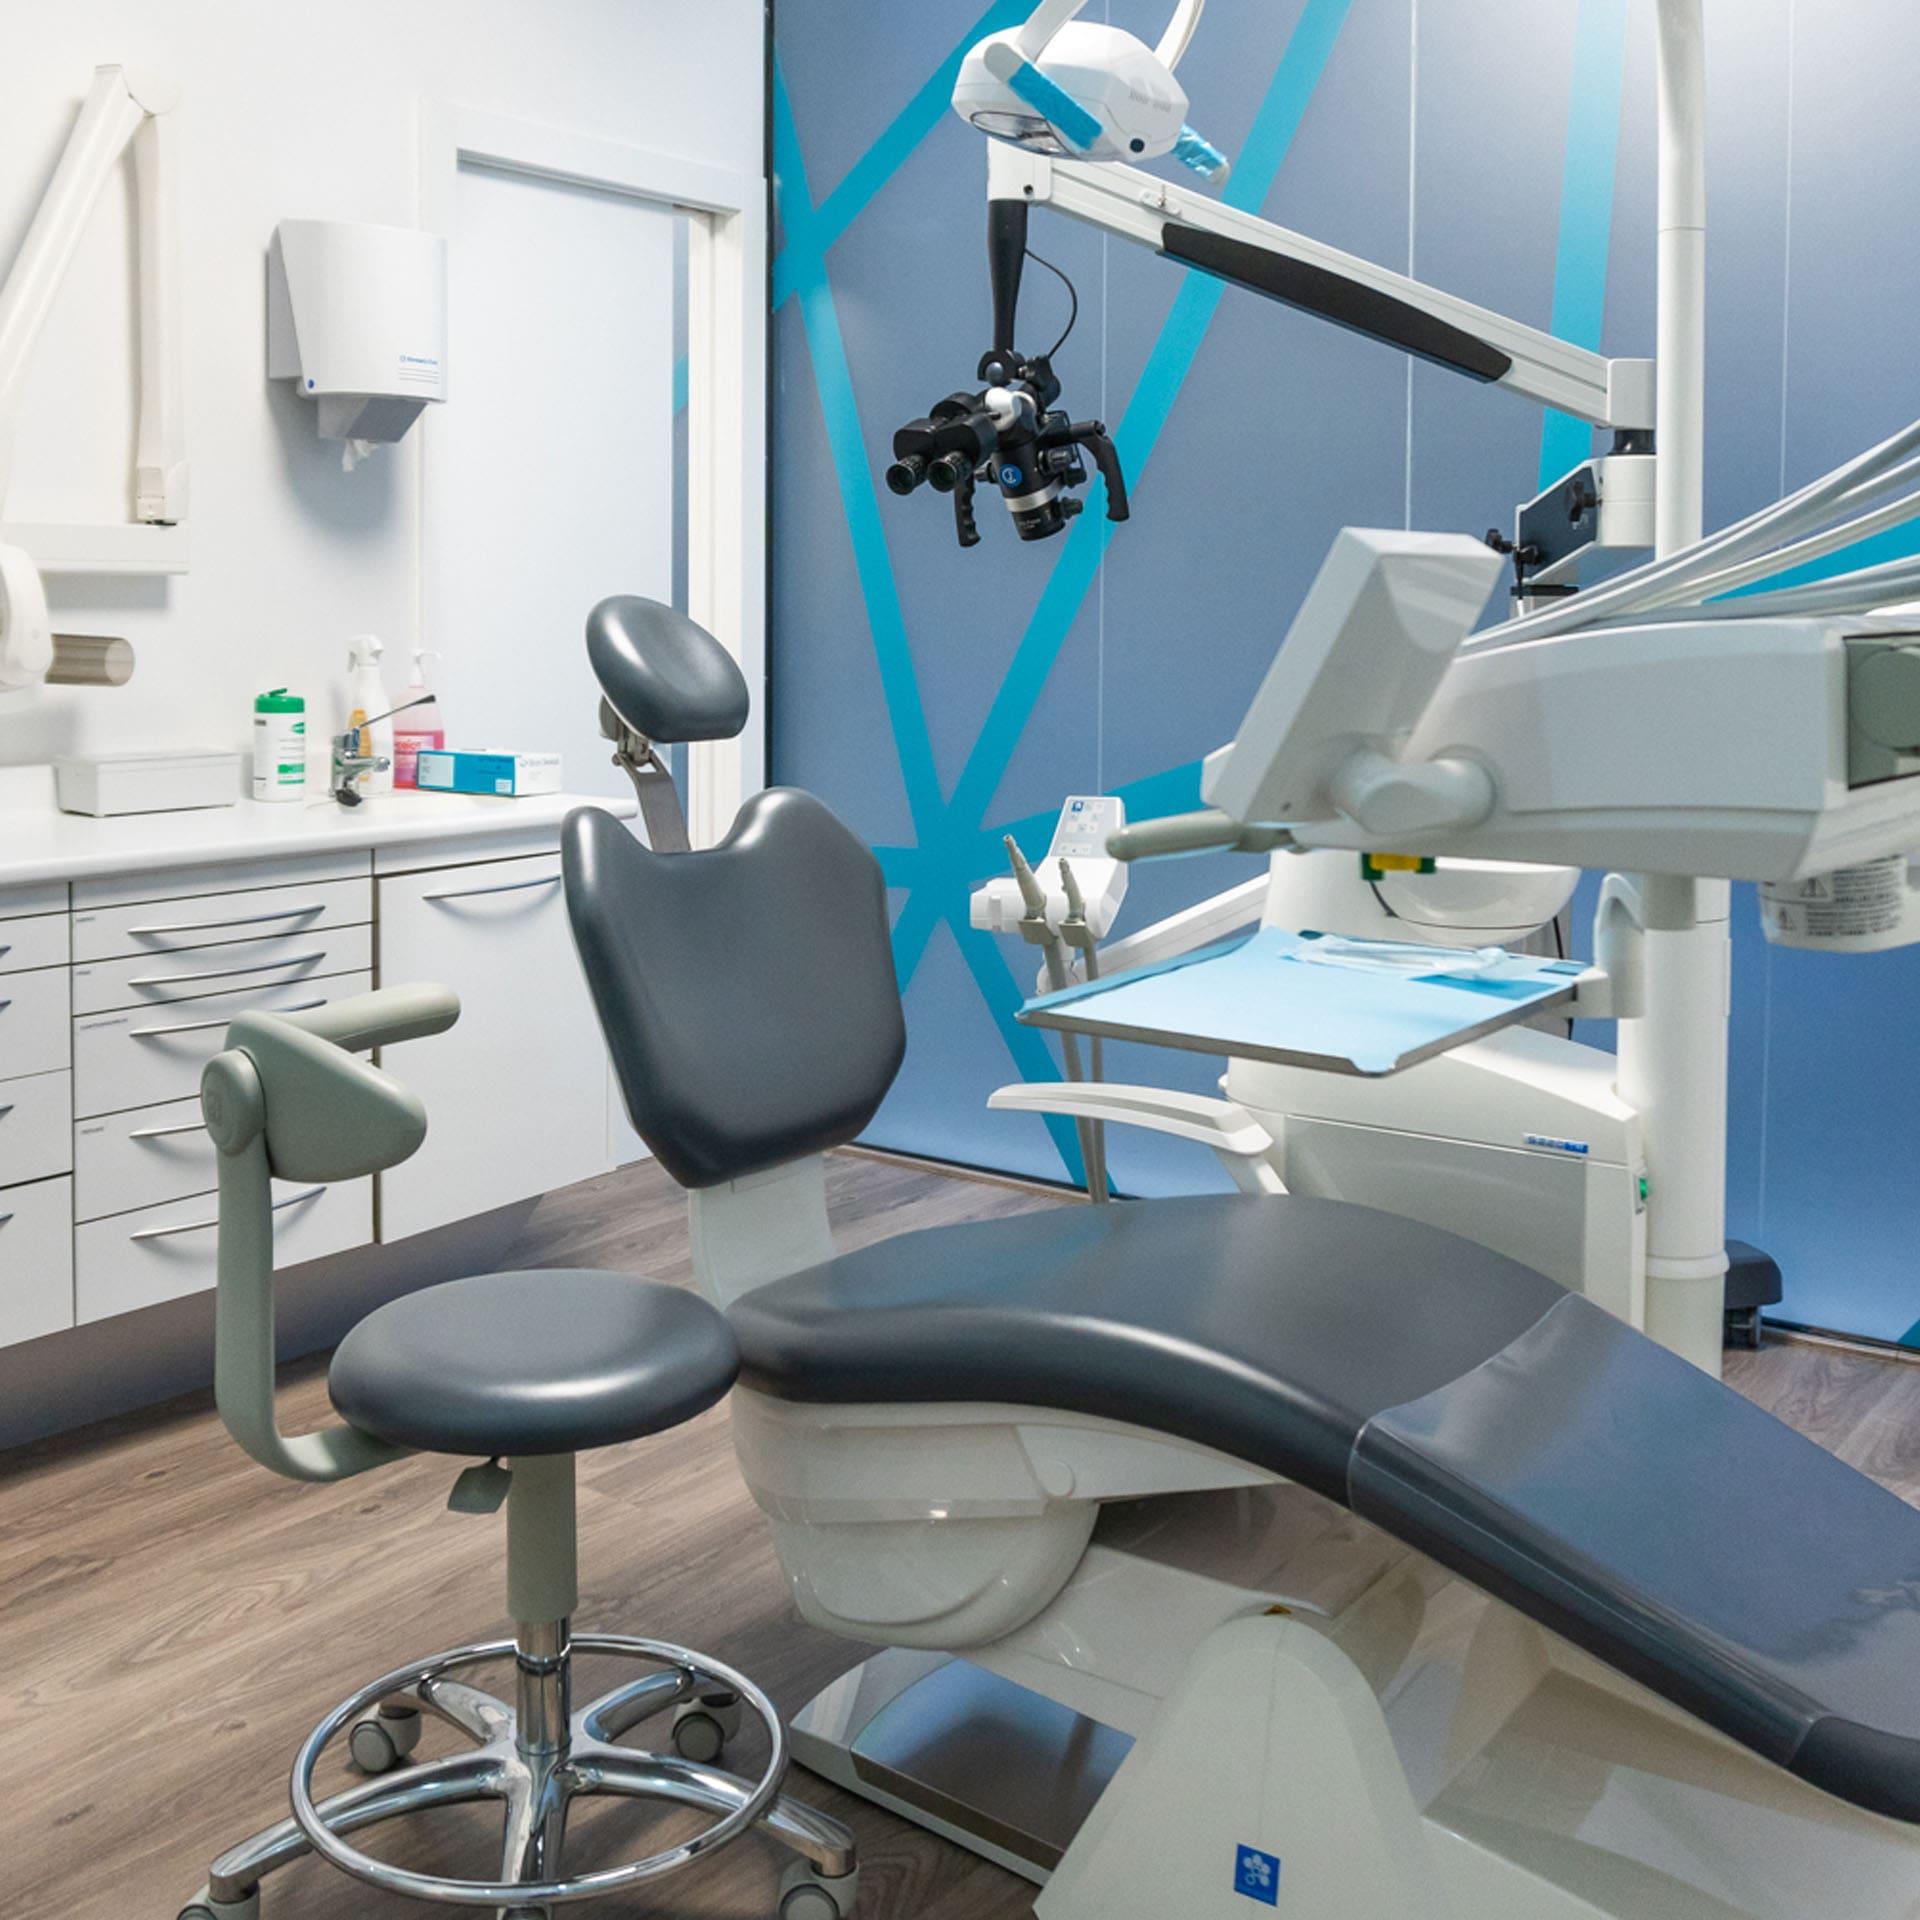 La Revolución Tecnológica llega a la Clínicas Dentales